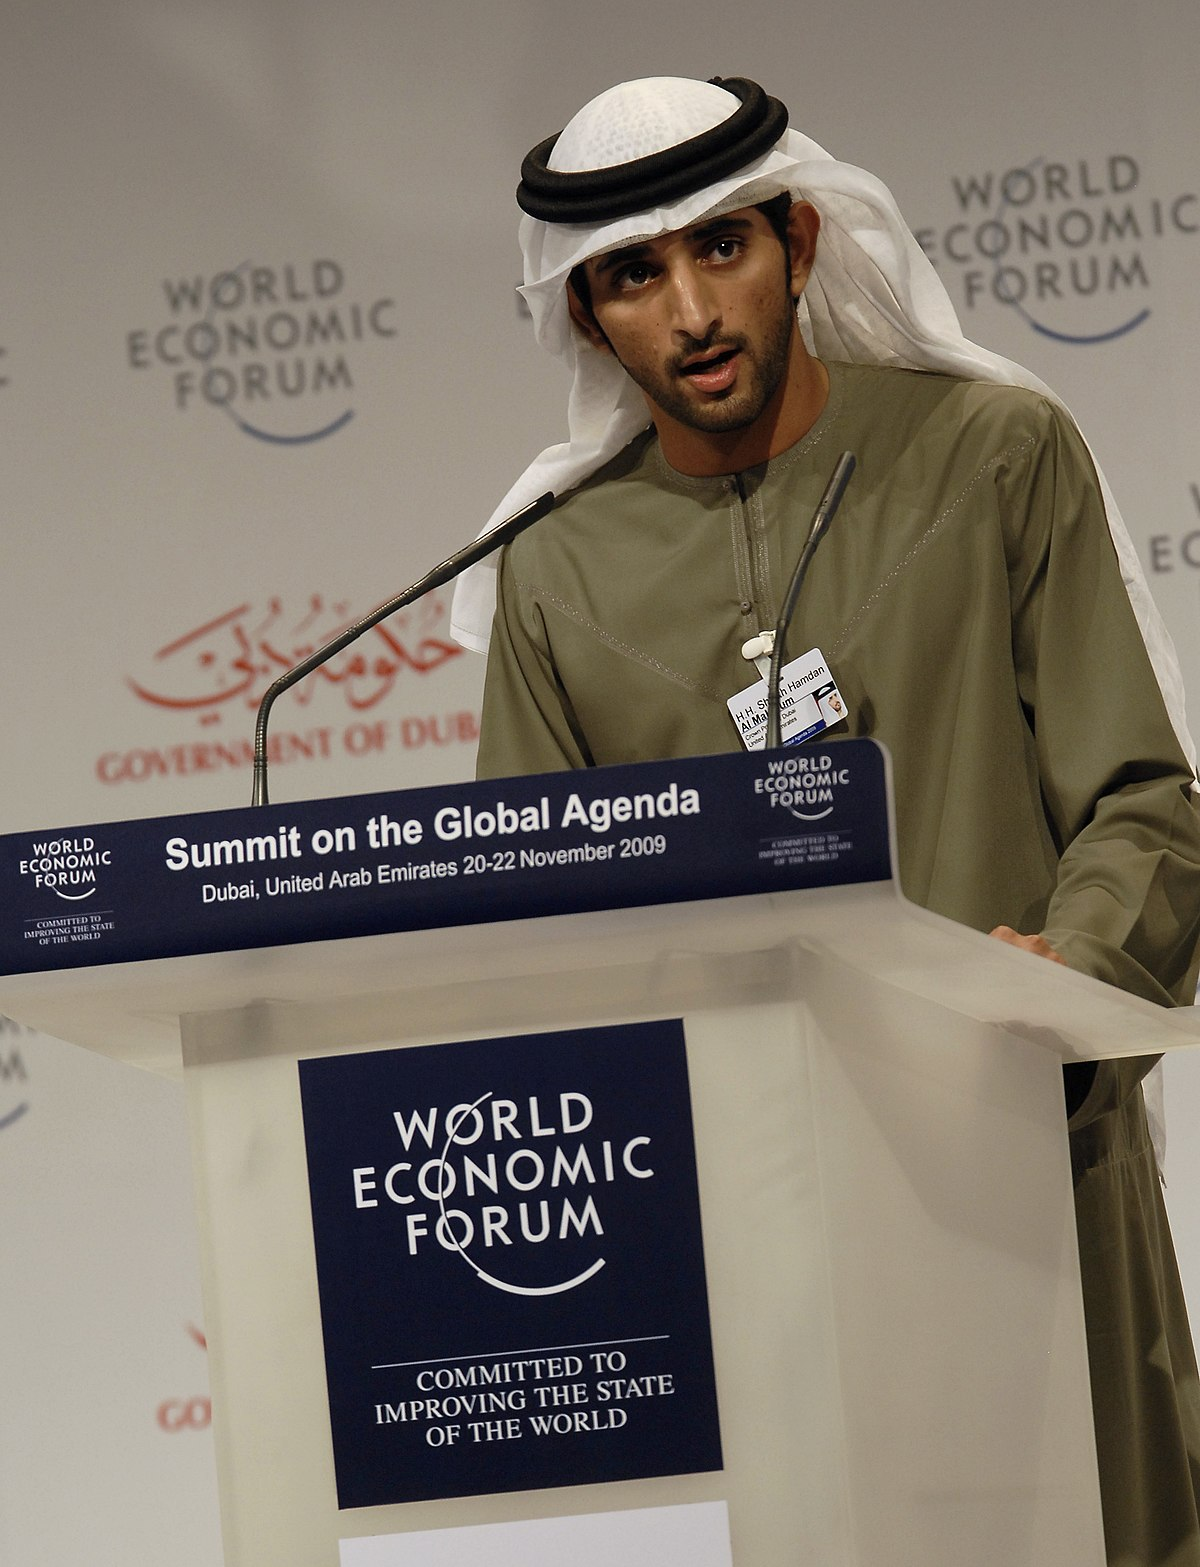 Hamdan Bin Mohammed Al Maktoum Wikipedia